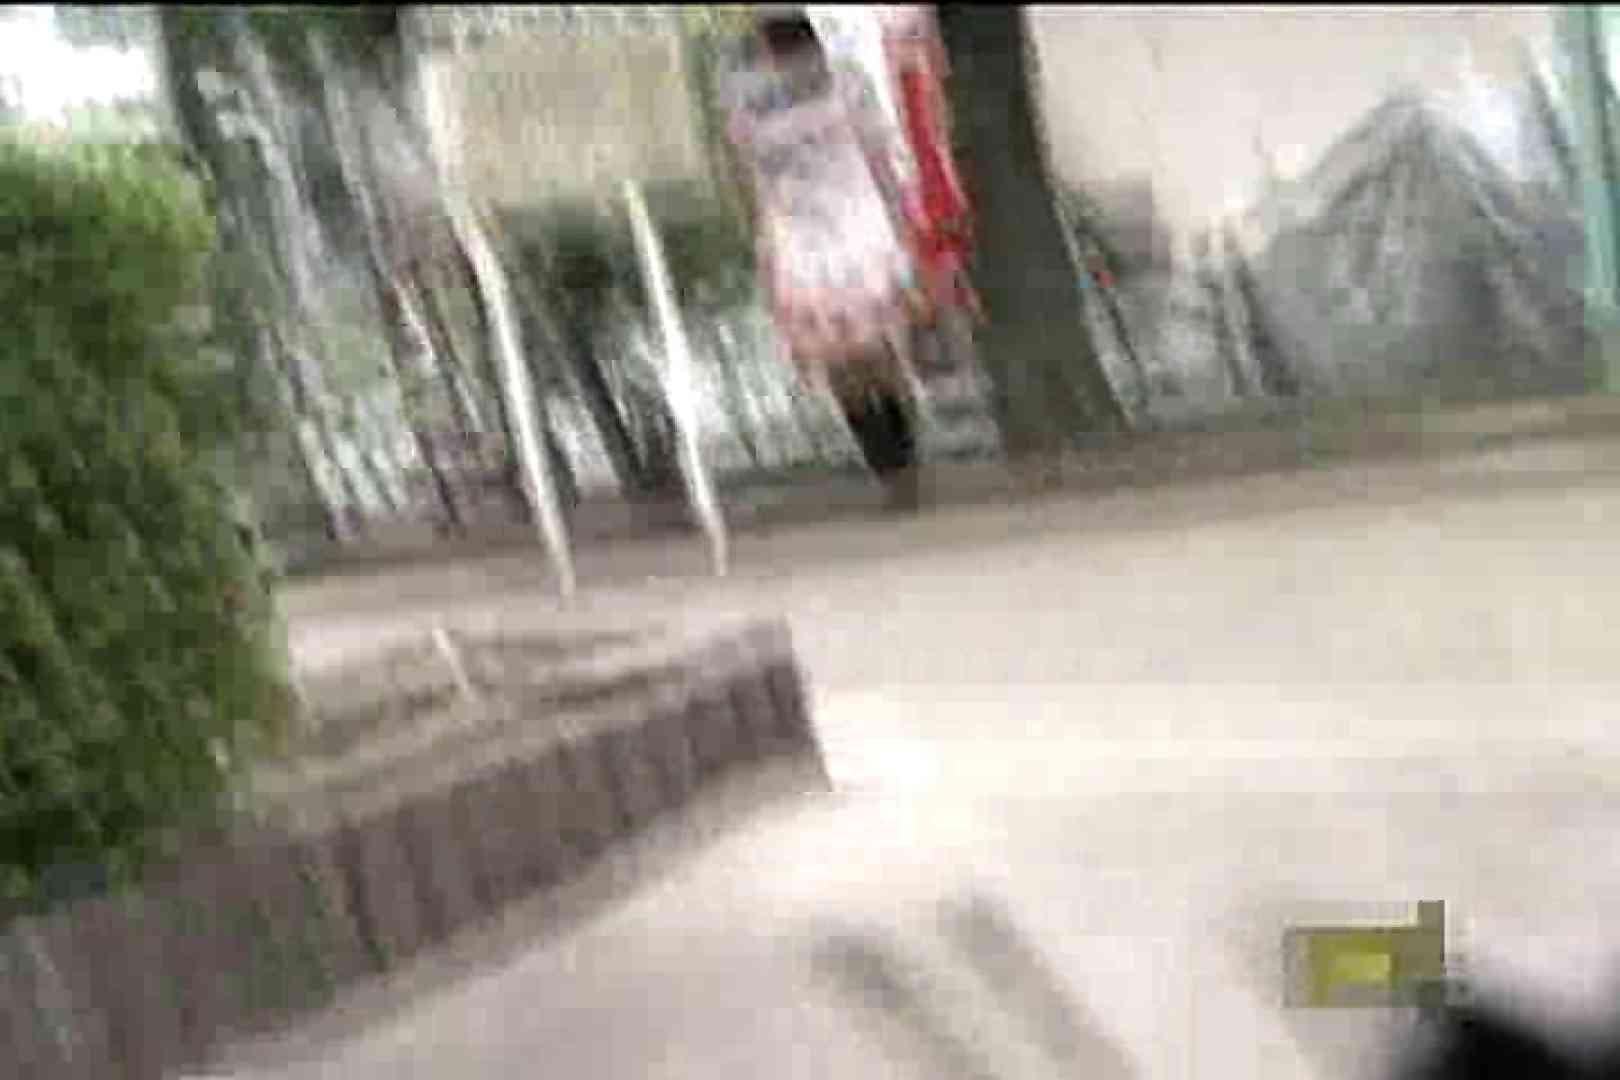 マンチラインパクトVol.11 ギャルのエロ動画 | チラ  83画像 49